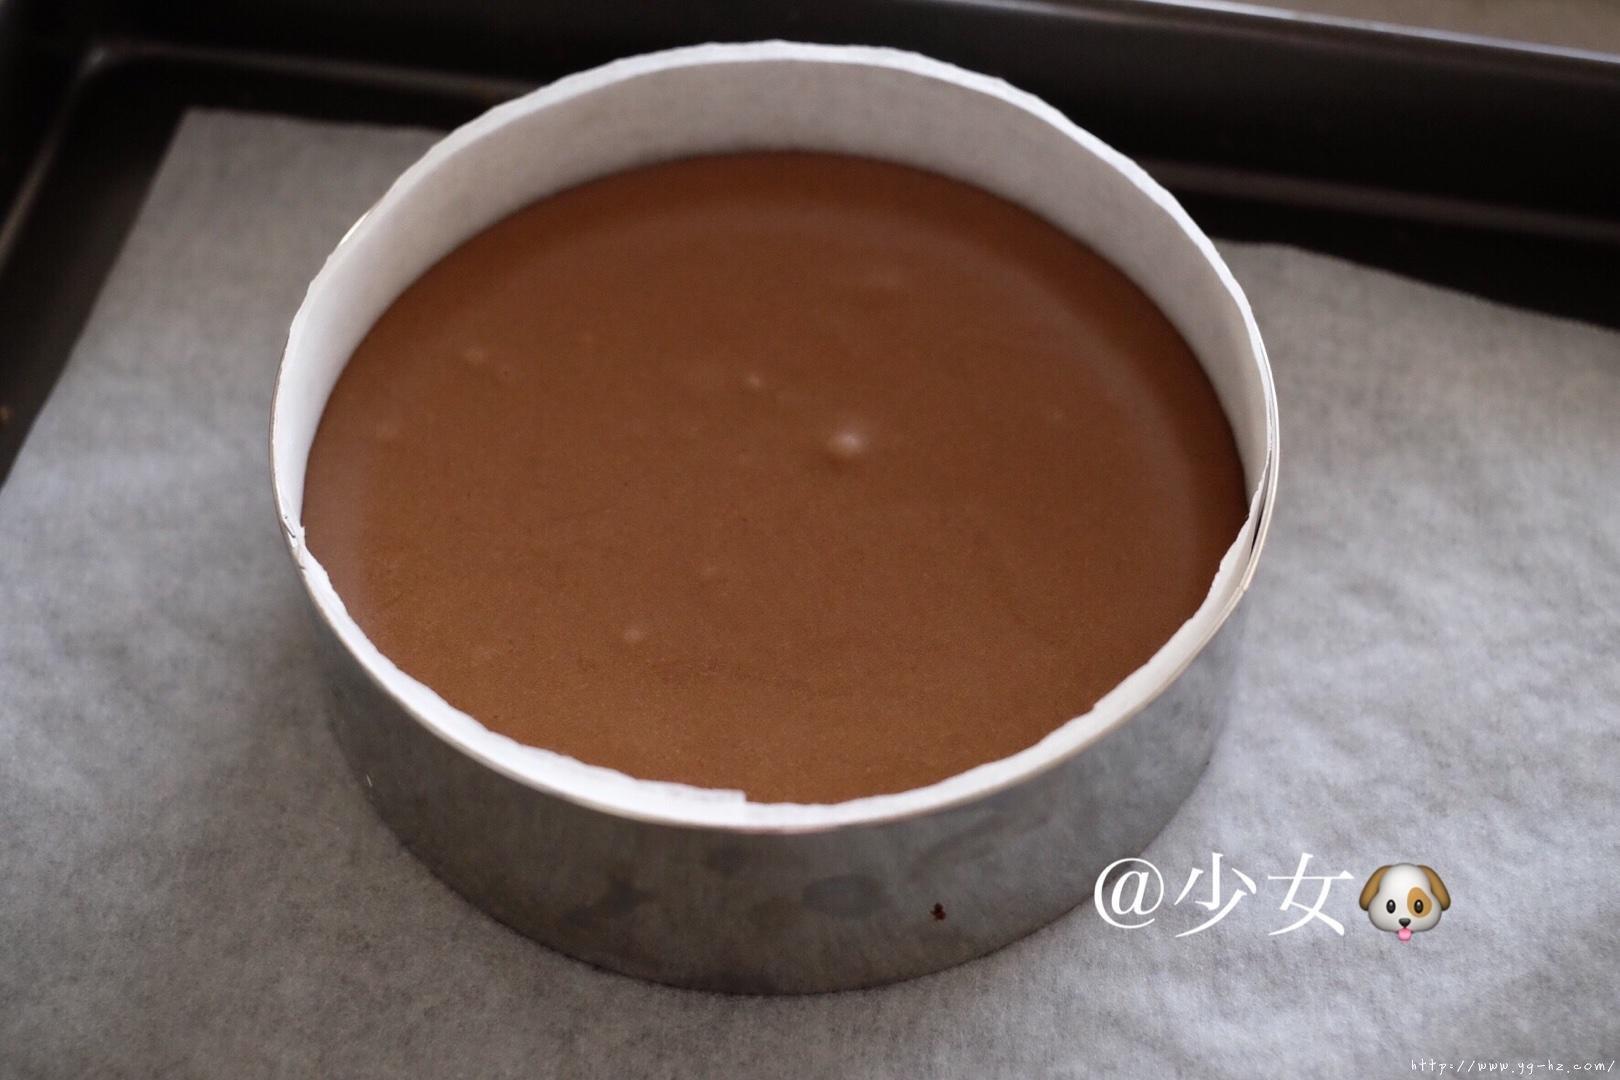 <LeTao> 巧克力双层芝士蛋糕配方大公开!!的做法 步骤10